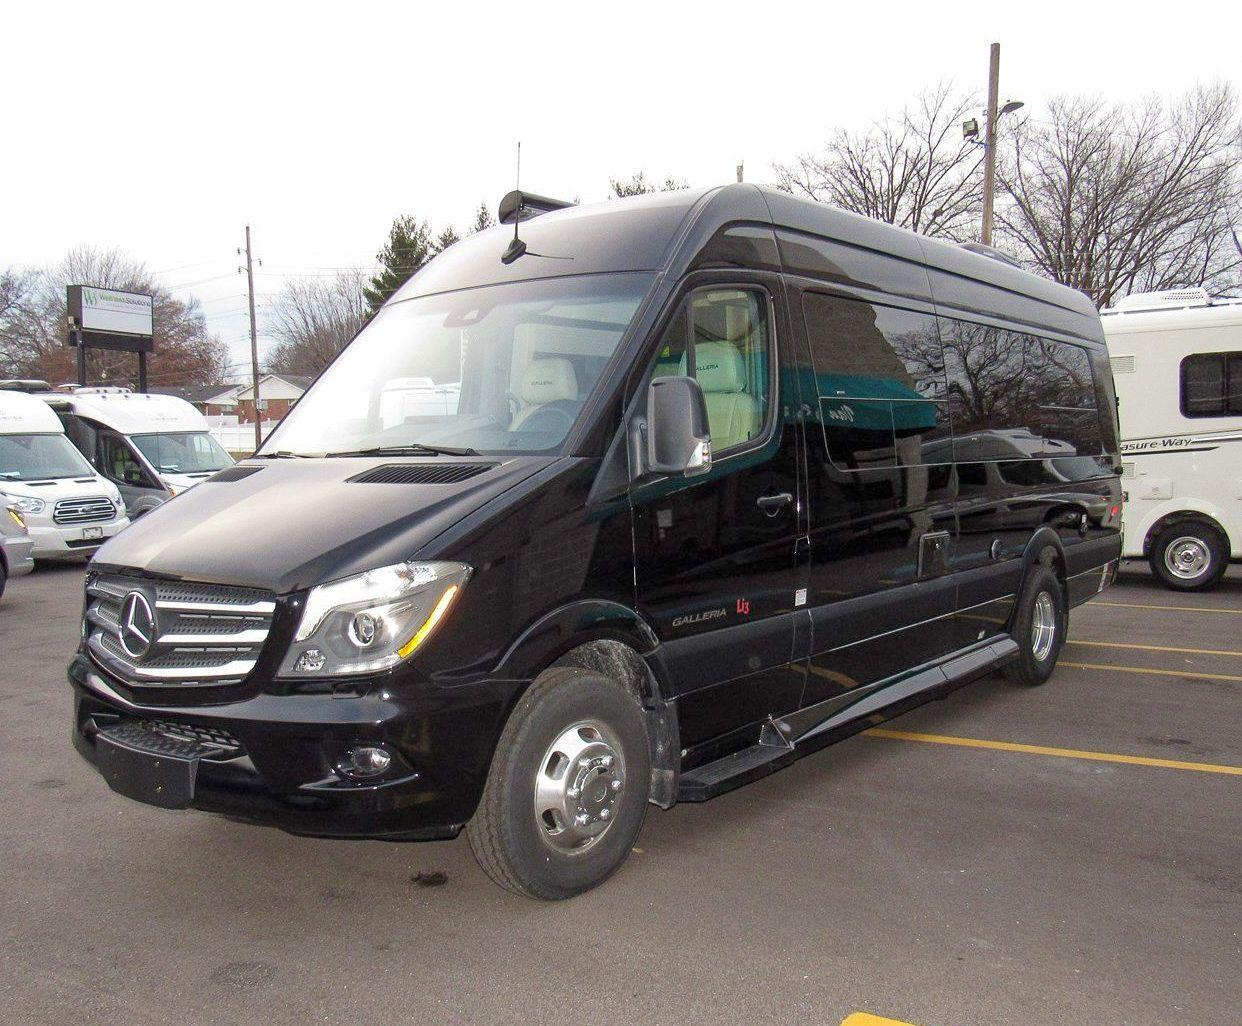 2019 Coachmen Galleria 24q 2645 Leisure Travel Vans Used Rvs